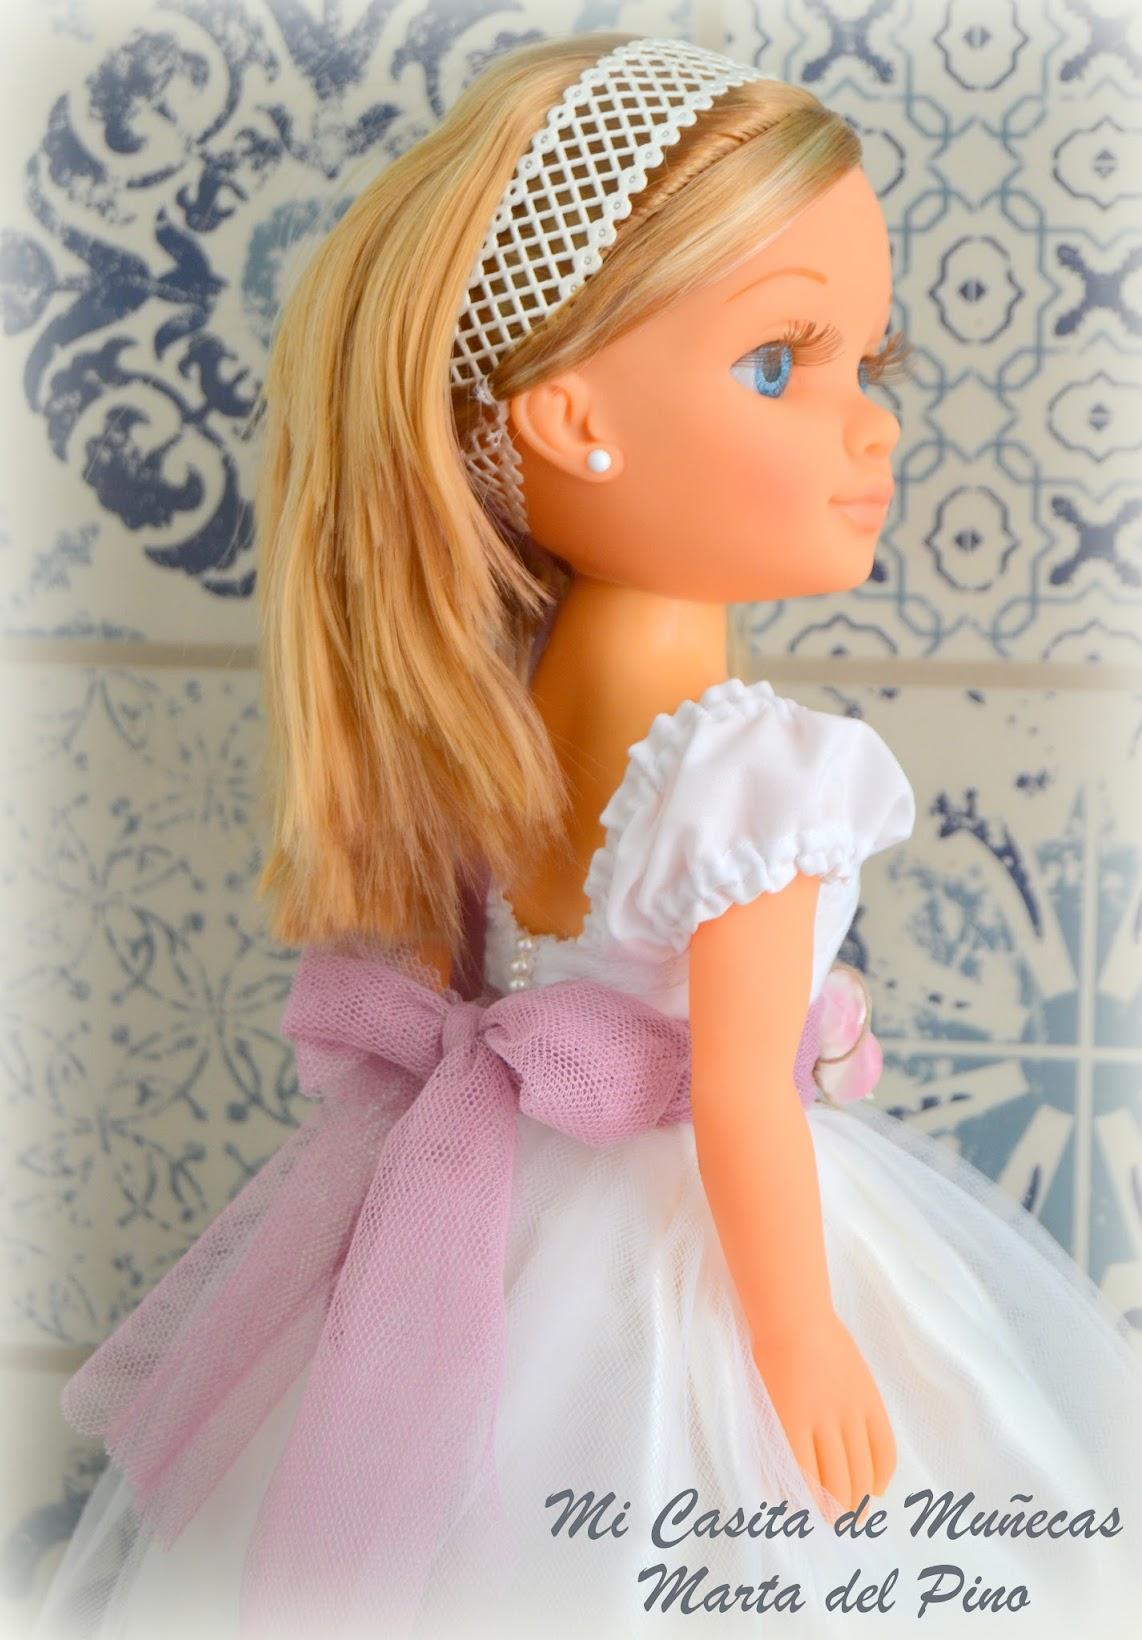 Casa de muñecas, Marta del Pino, Mi Casita de Muñecas, Nancy y sus vestidos, muñeca de comunión, nancy comunión, vestido de comunión